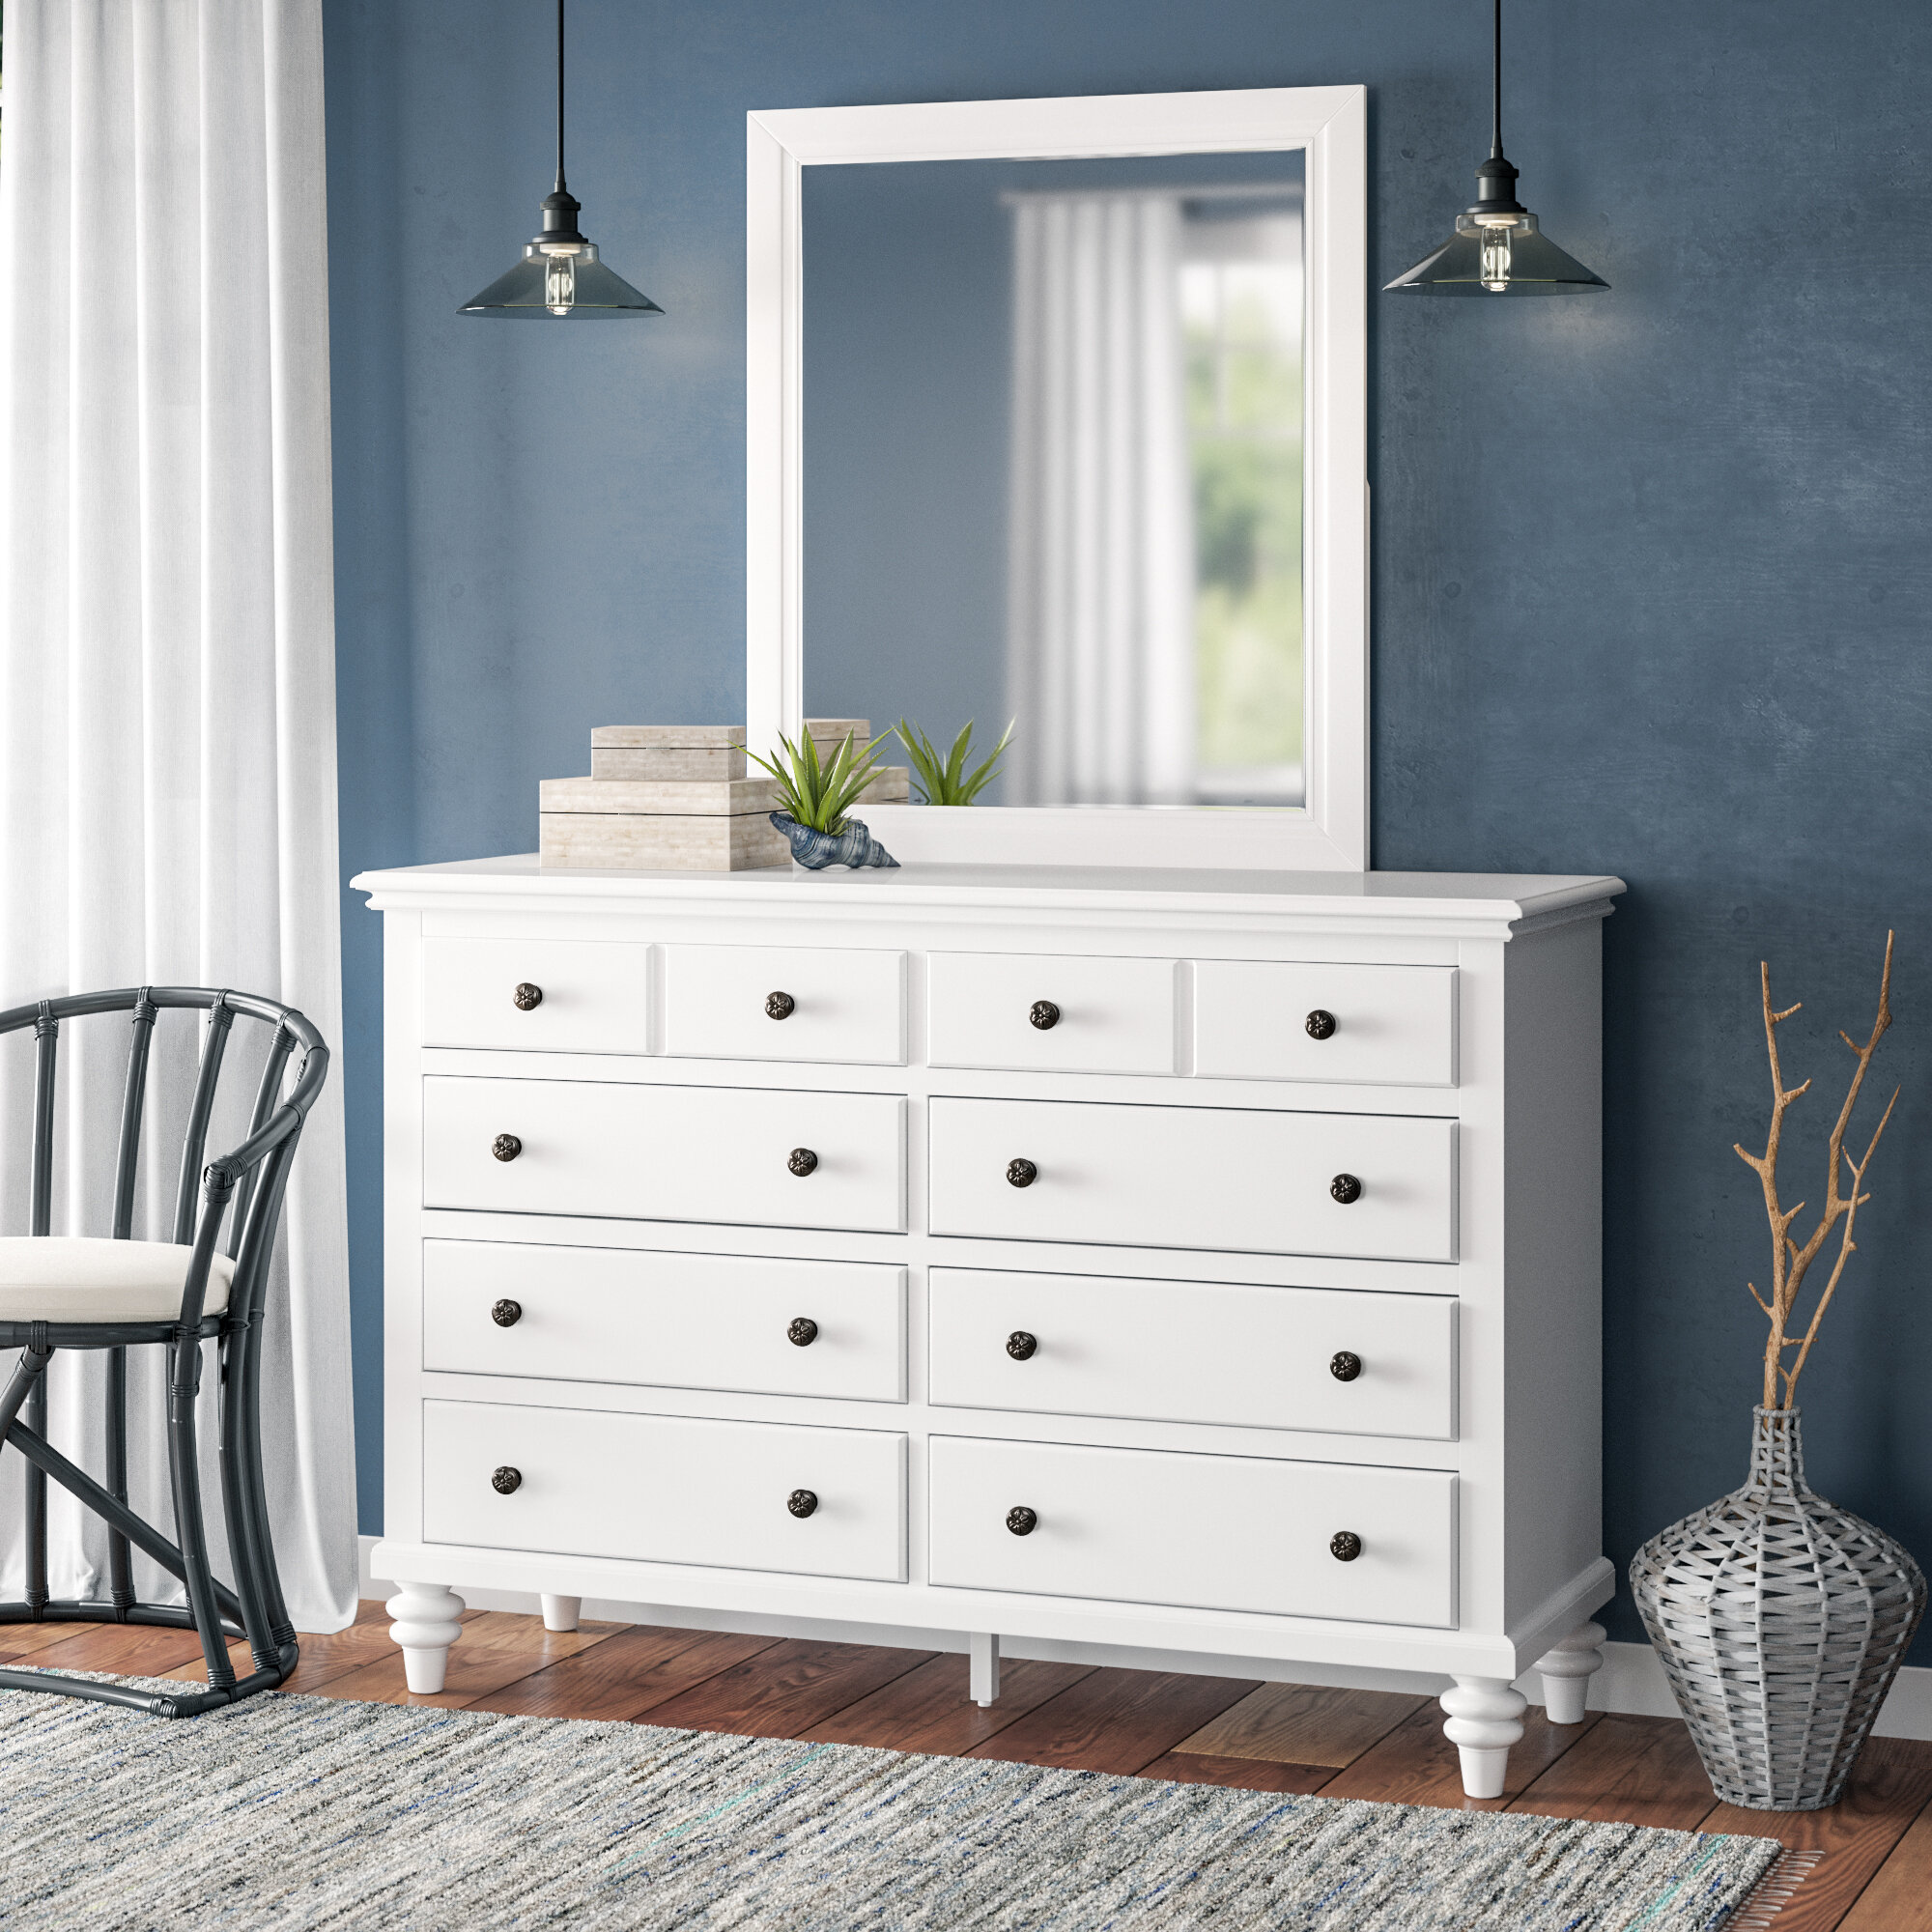 Beachcrest Home Harrison 8 Drawer Dresser With Mirror Reviews